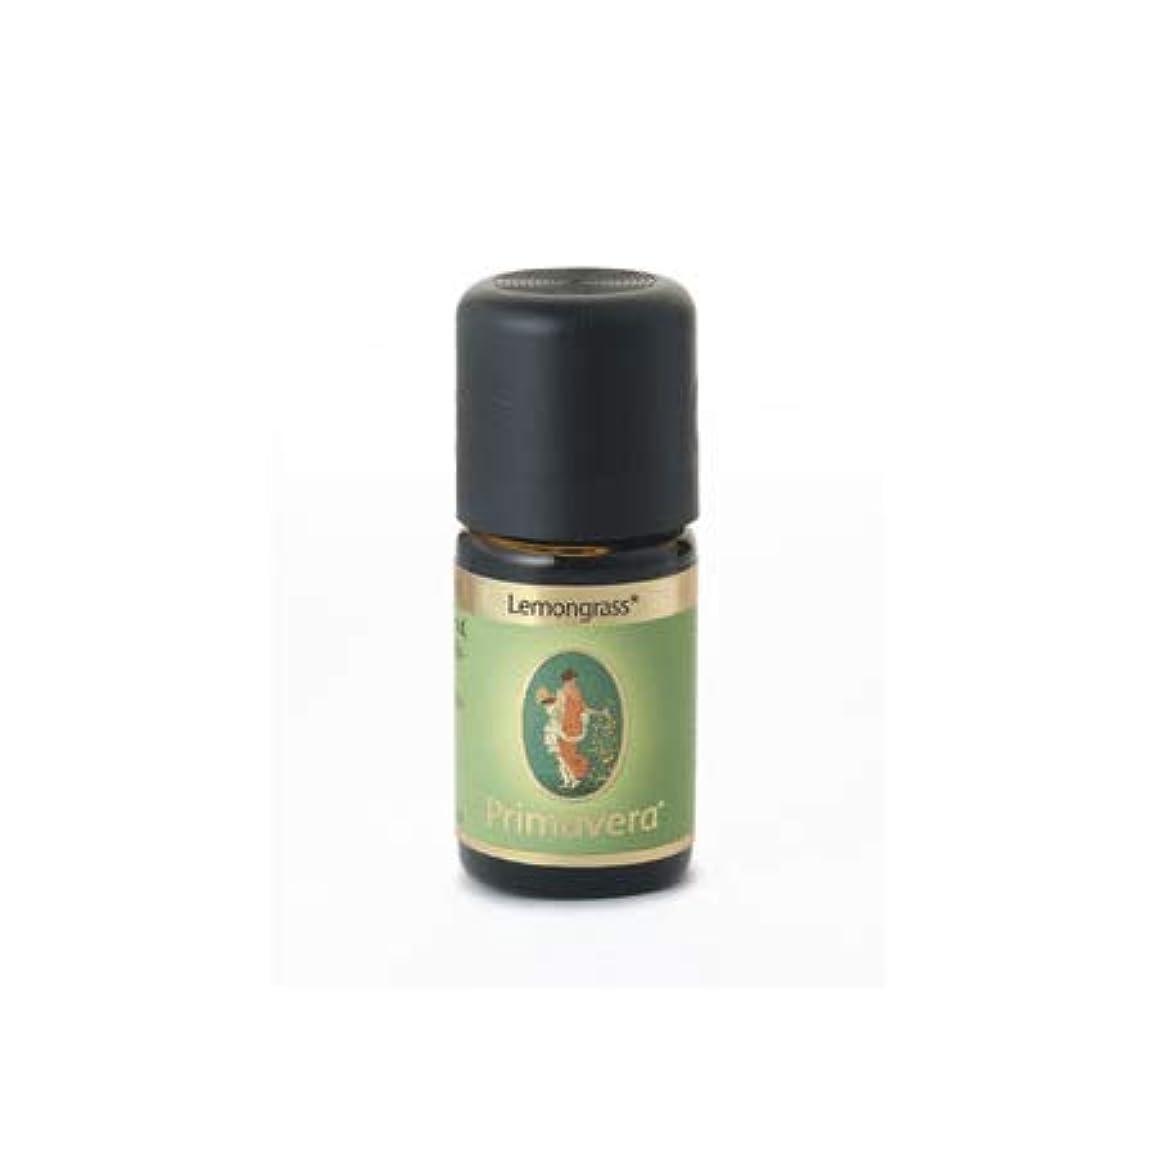 オーガニックオイルエッセンシャルオイル(精油) レモングラスBIO5mlプリマヴェーラ(プリマベラ)【フェアトレード】柑橘系トップノート